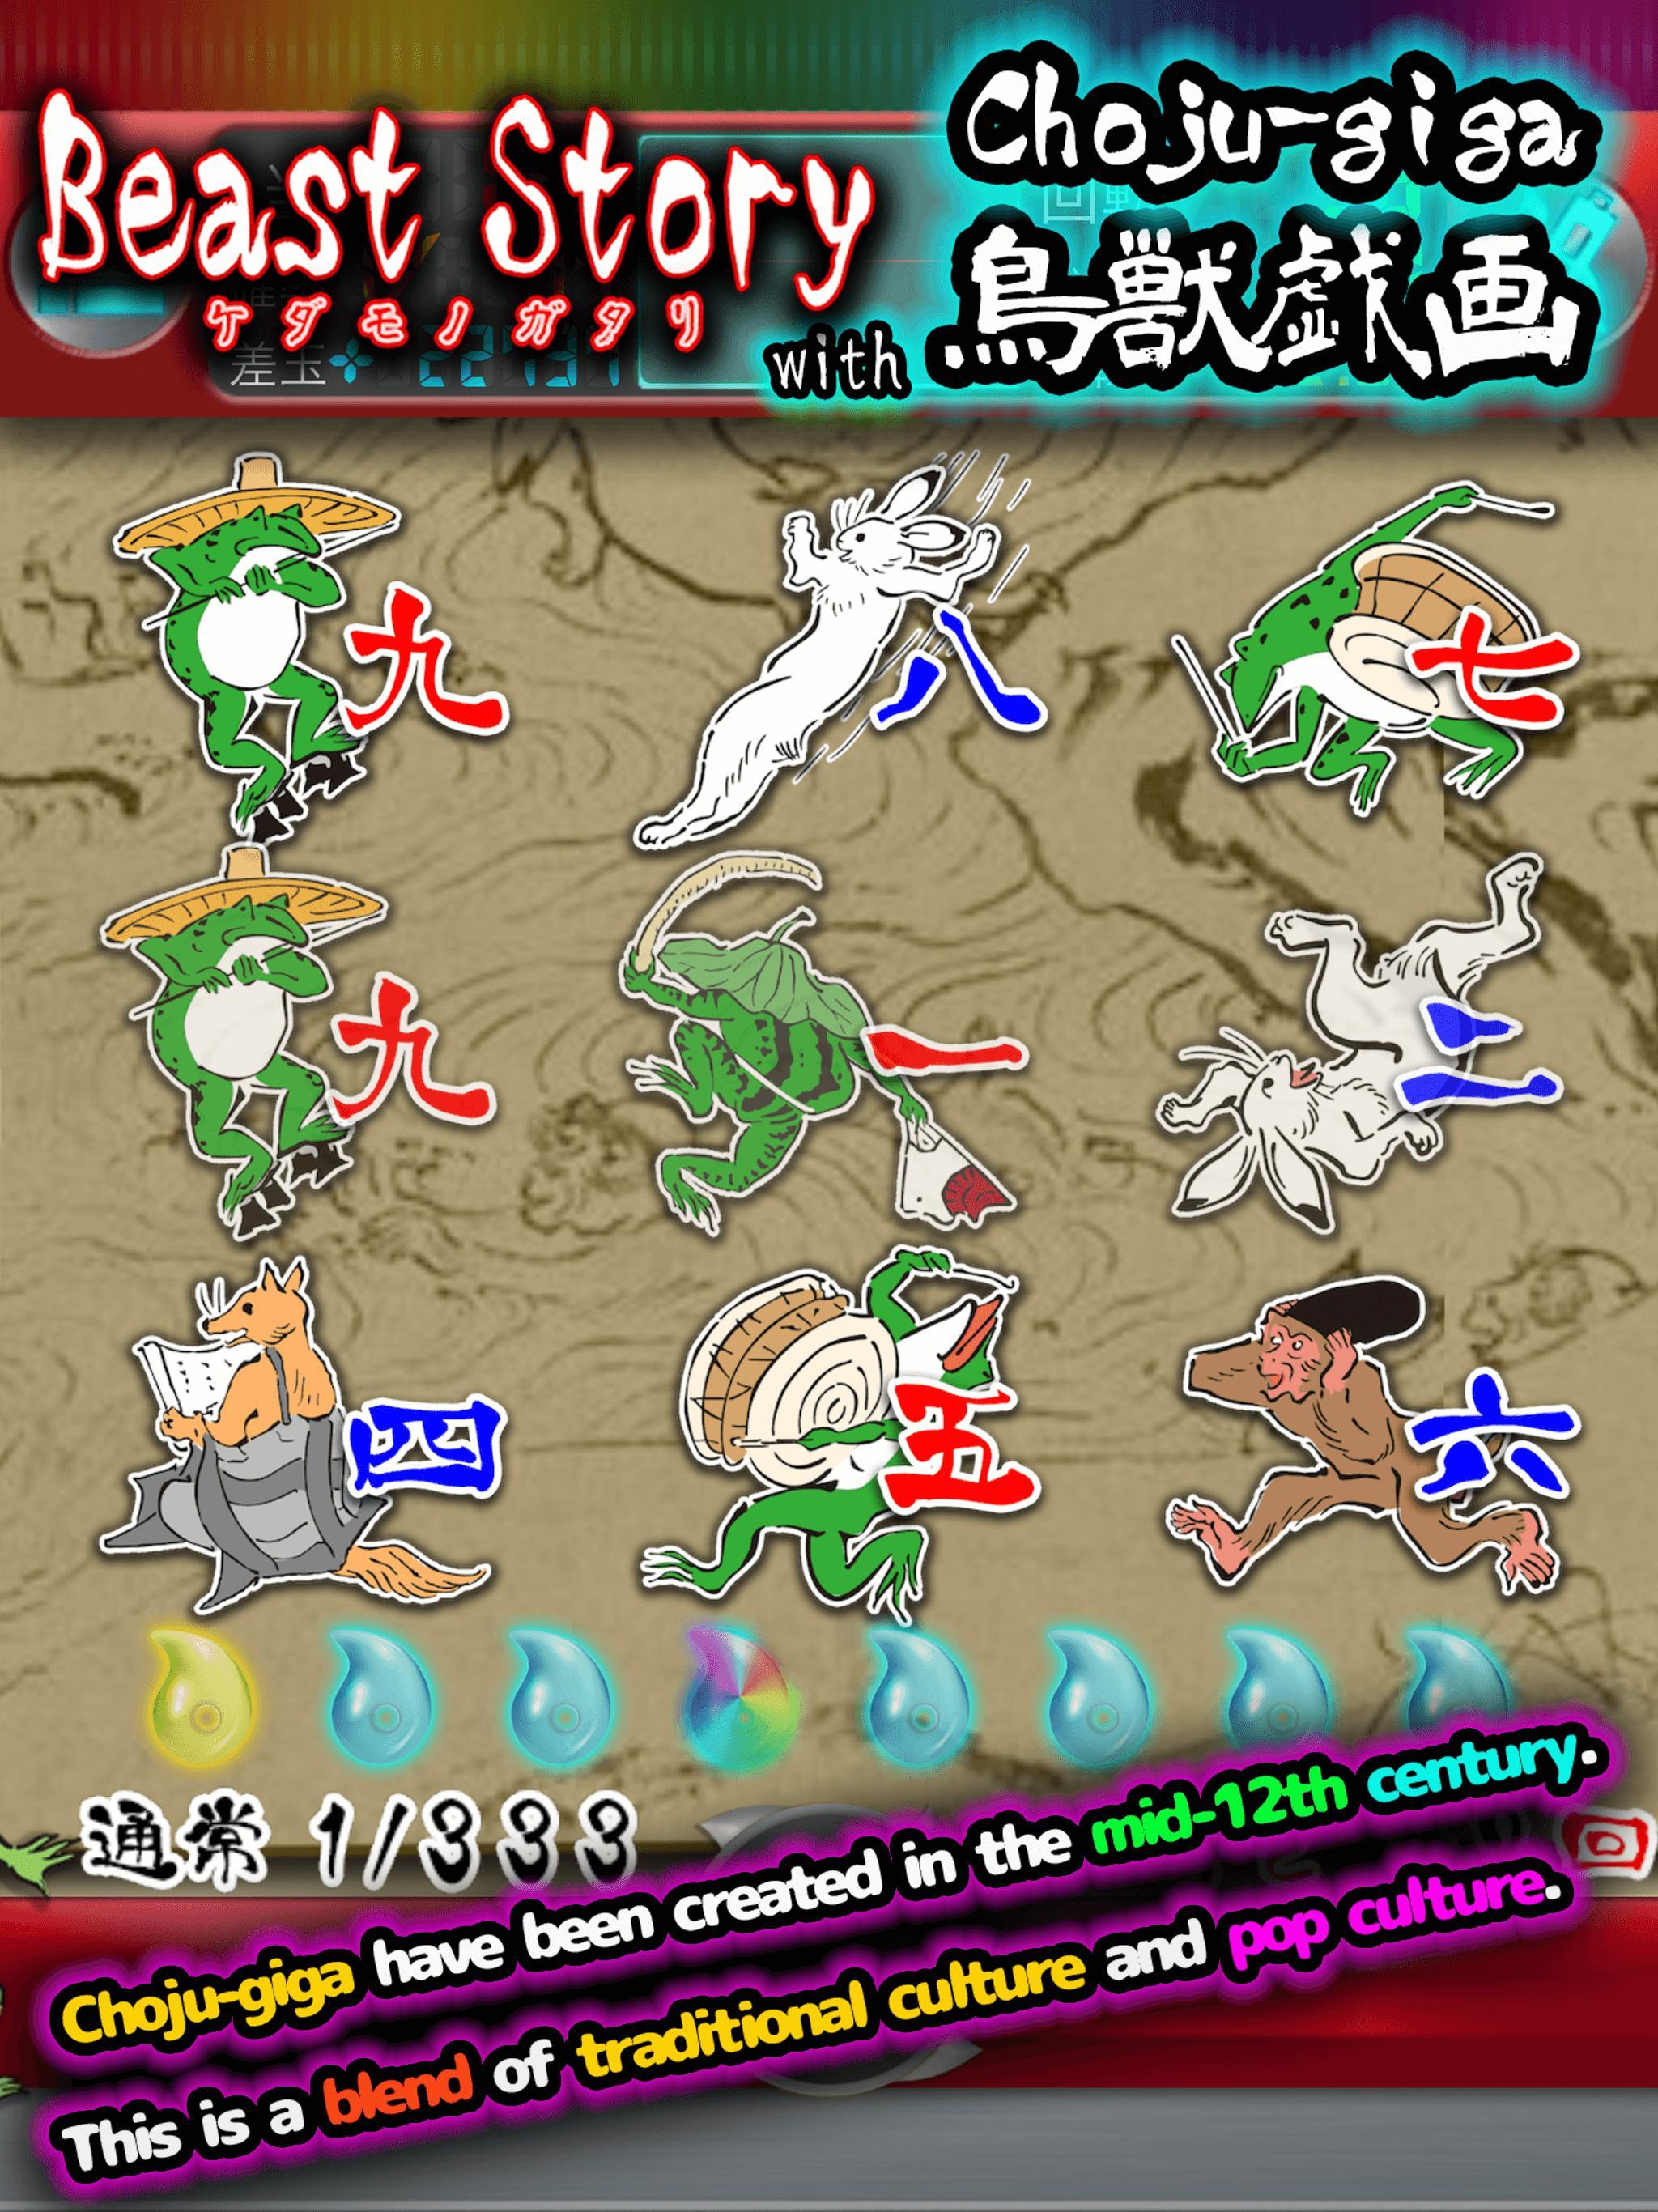 Beast Story Pachinko Slot Game 1.0.1 Screenshot 8